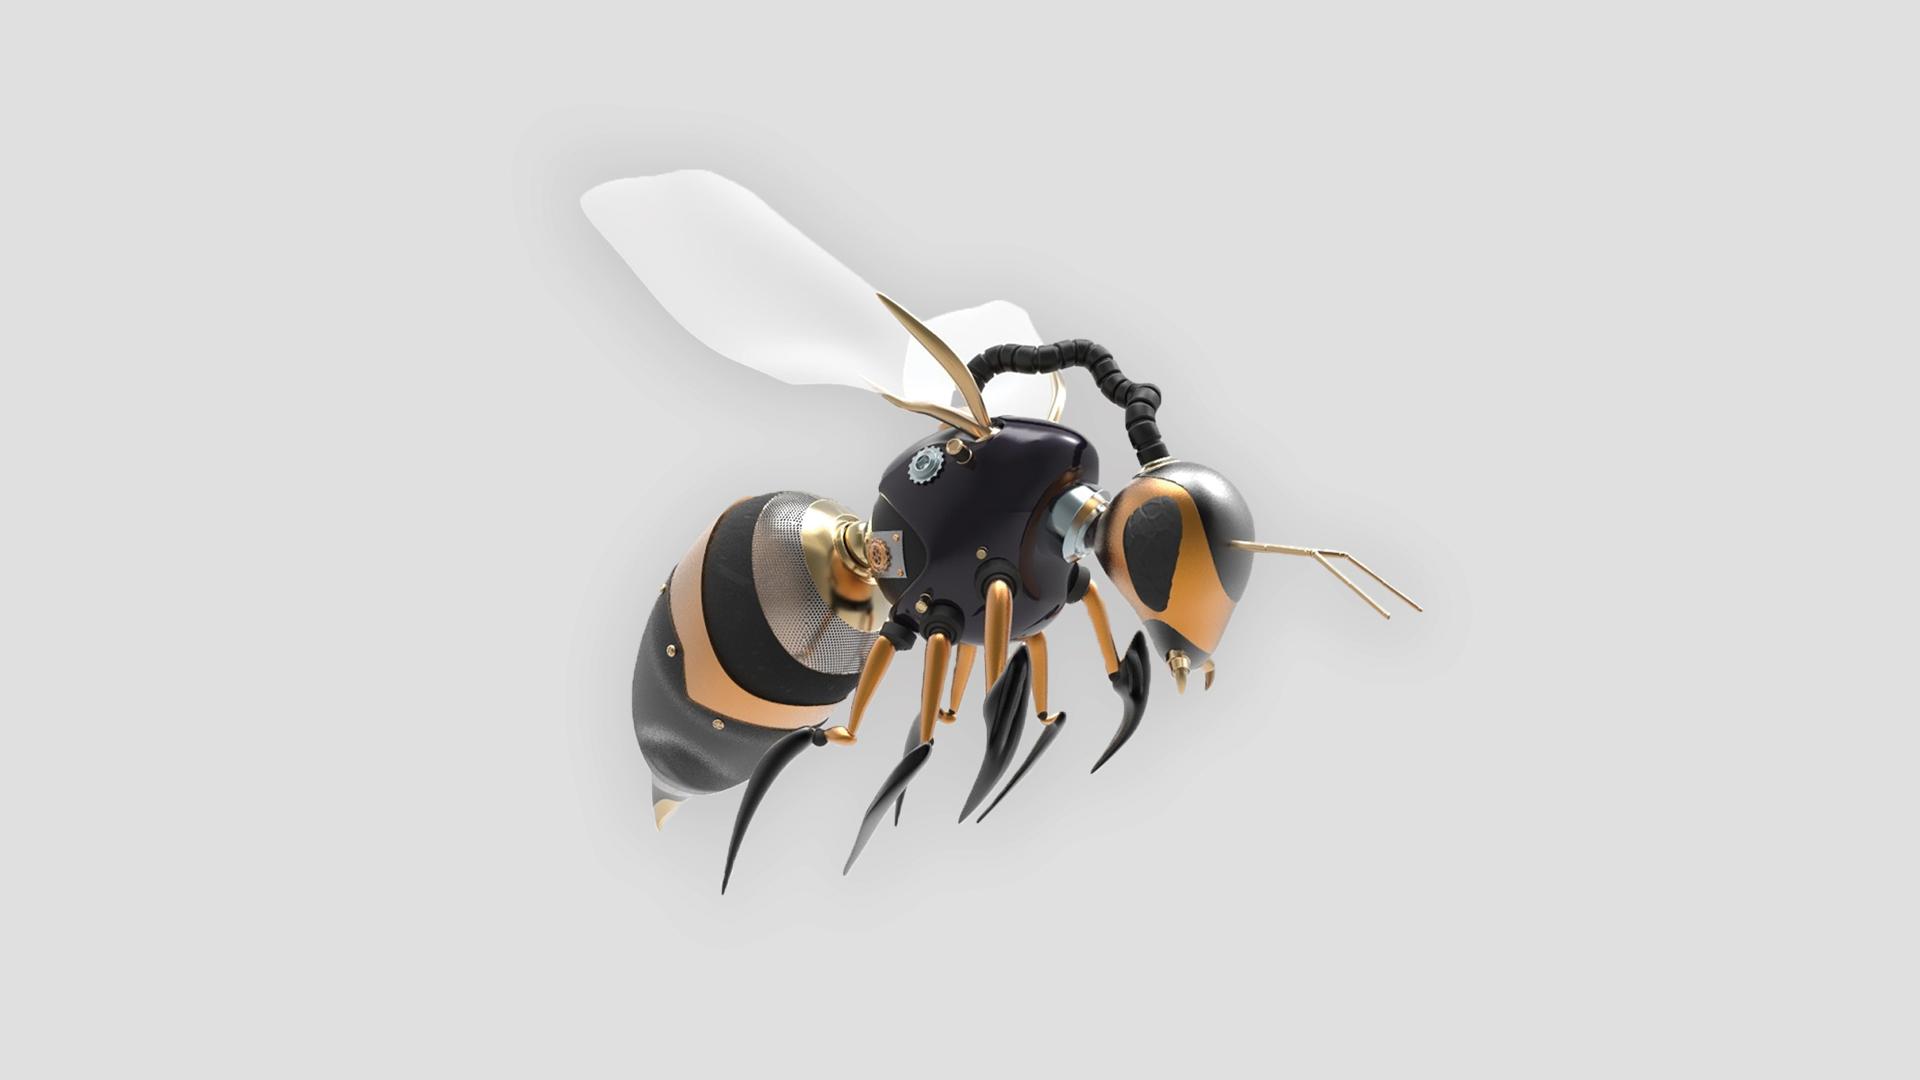 10 e lode in matematica – Le api ci insegnano a programmare le intelligenze artificiali